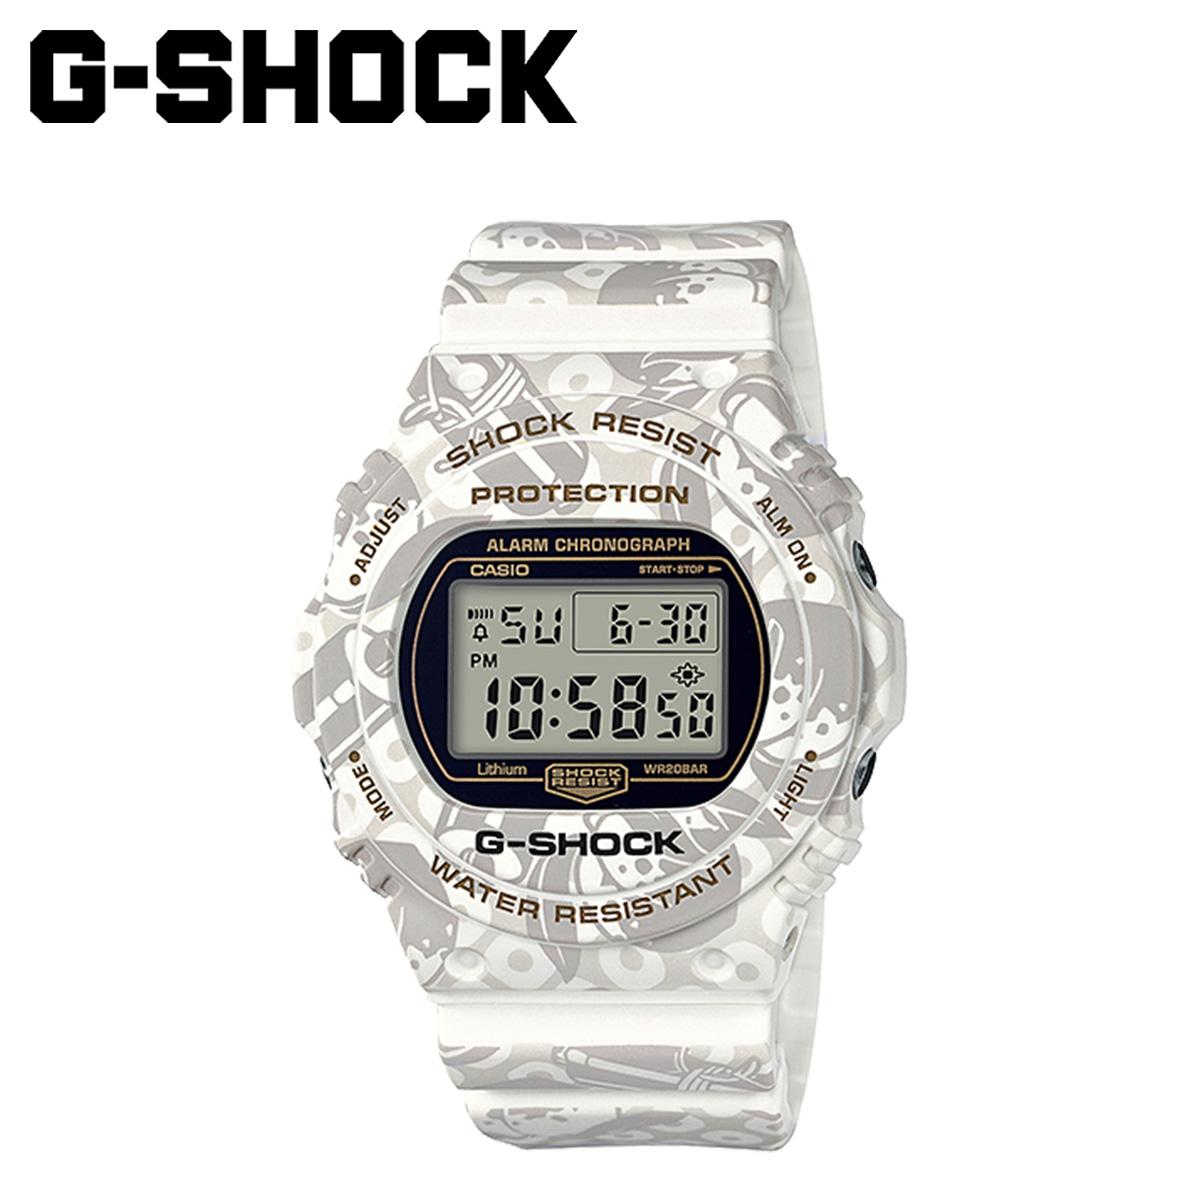 【最大2000円OFFクーポン】 カシオ CASIO G-SHOCK 腕時計 DW-5700SLG-7JR 七福神 寿老人モデル ジーショック Gショック G-ショック メンズ レディース ホワイト